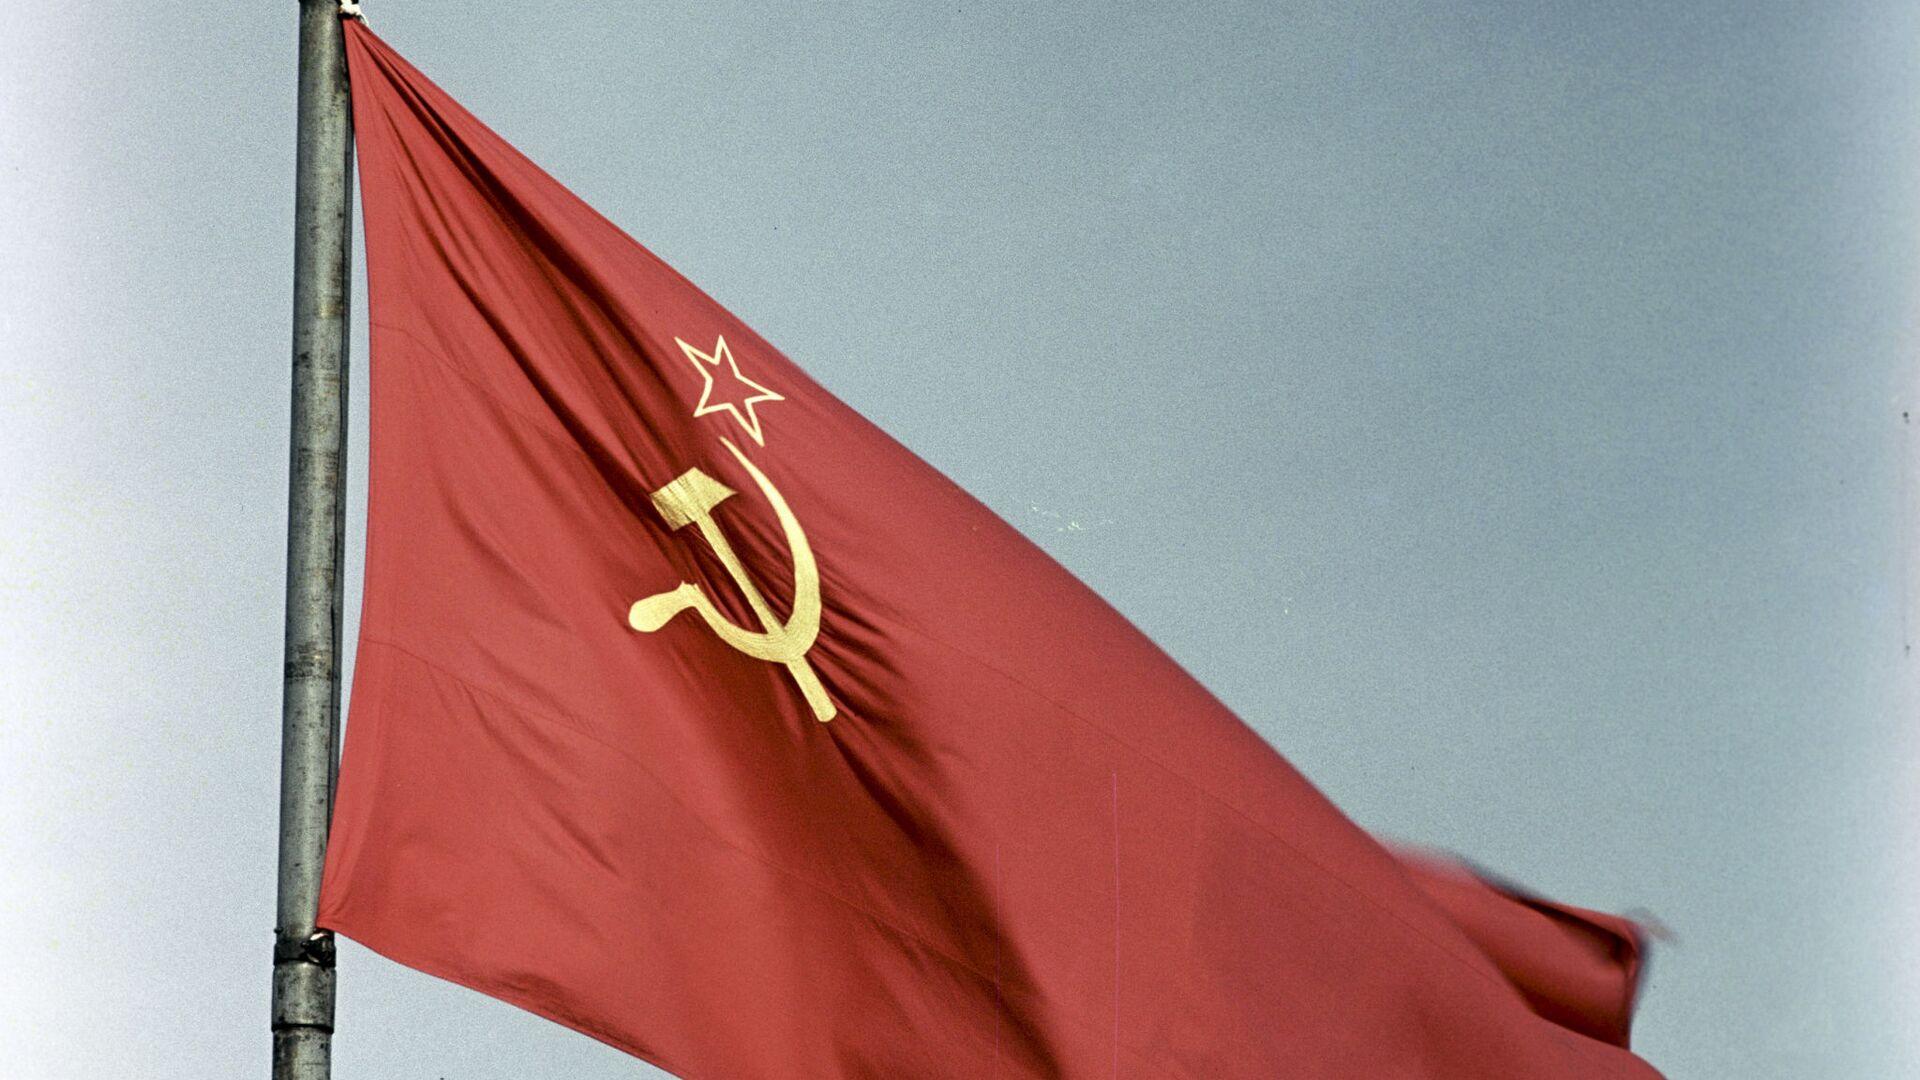 La bandera de la URSS - Sputnik Mundo, 1920, 20.05.2021